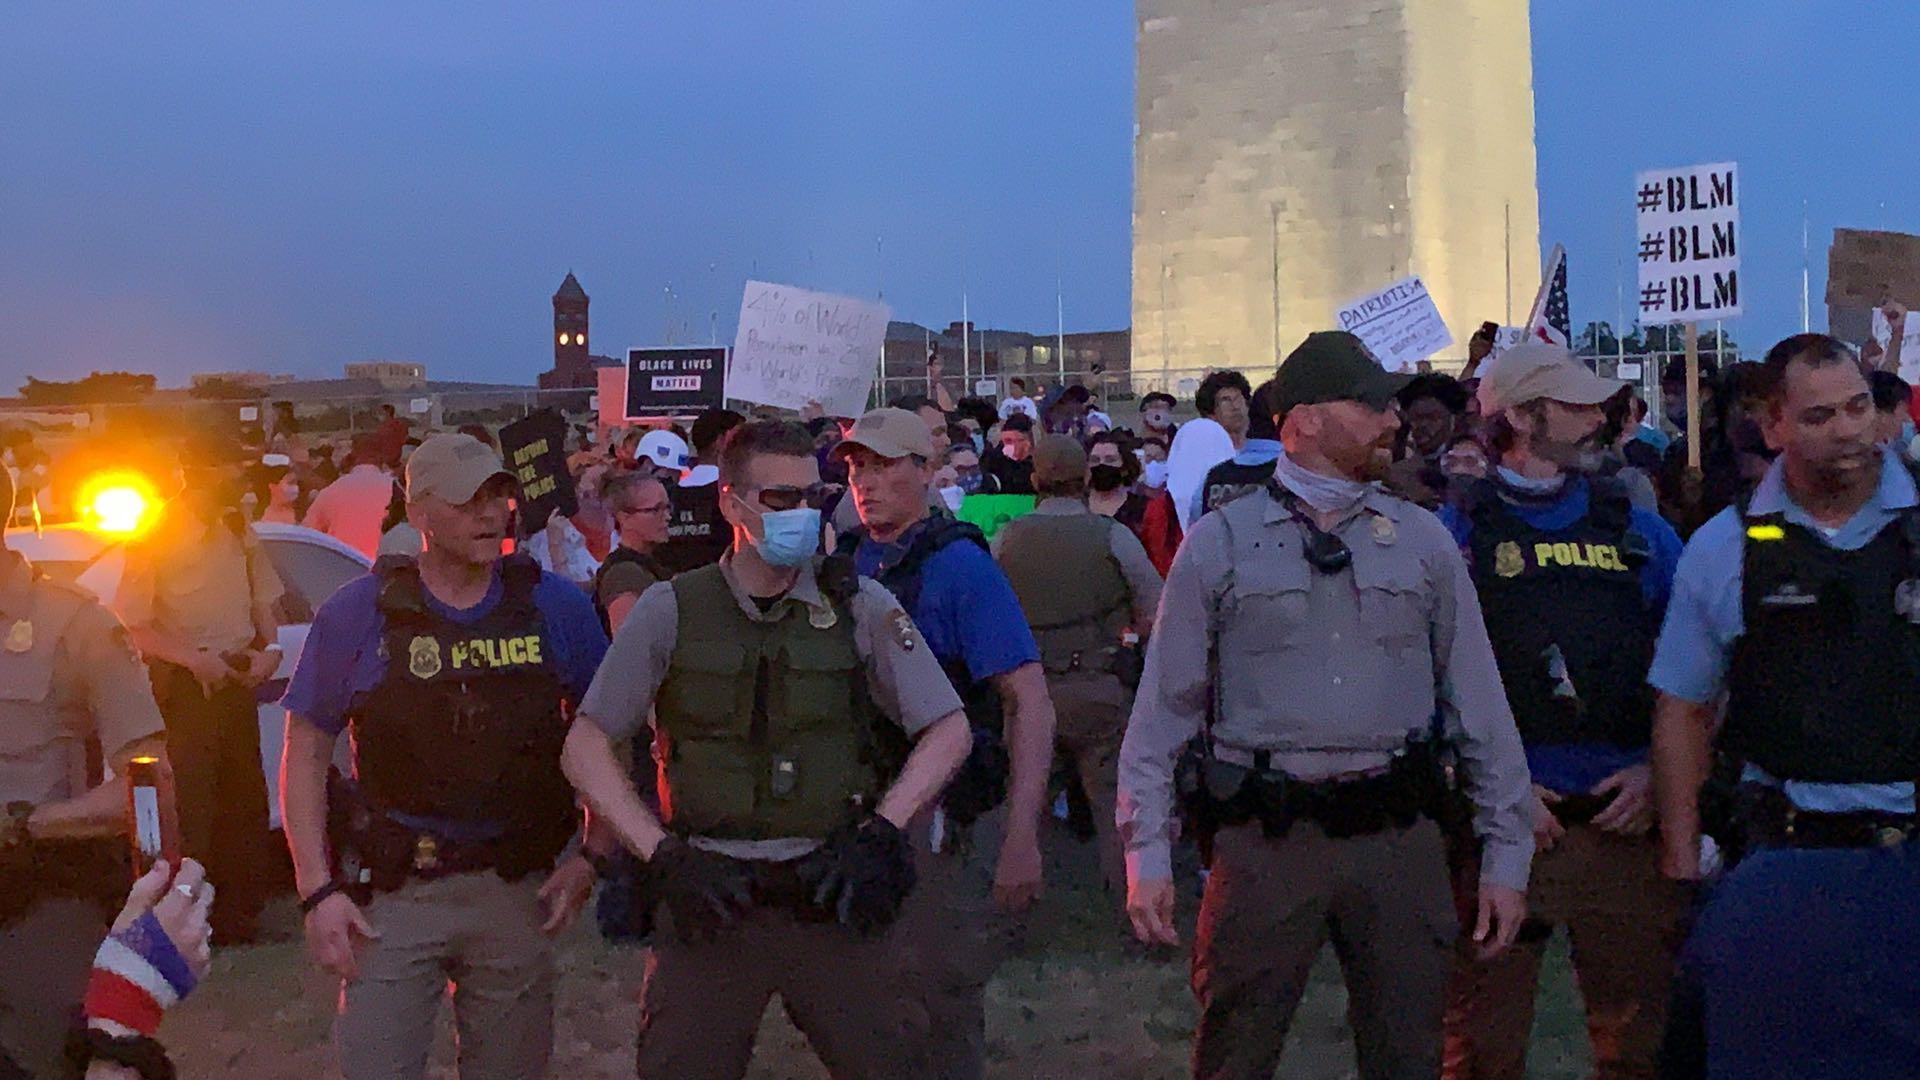 數十名警察在煙火秀開始前迅速包圍示威群眾。(記者張筠 / 攝影)